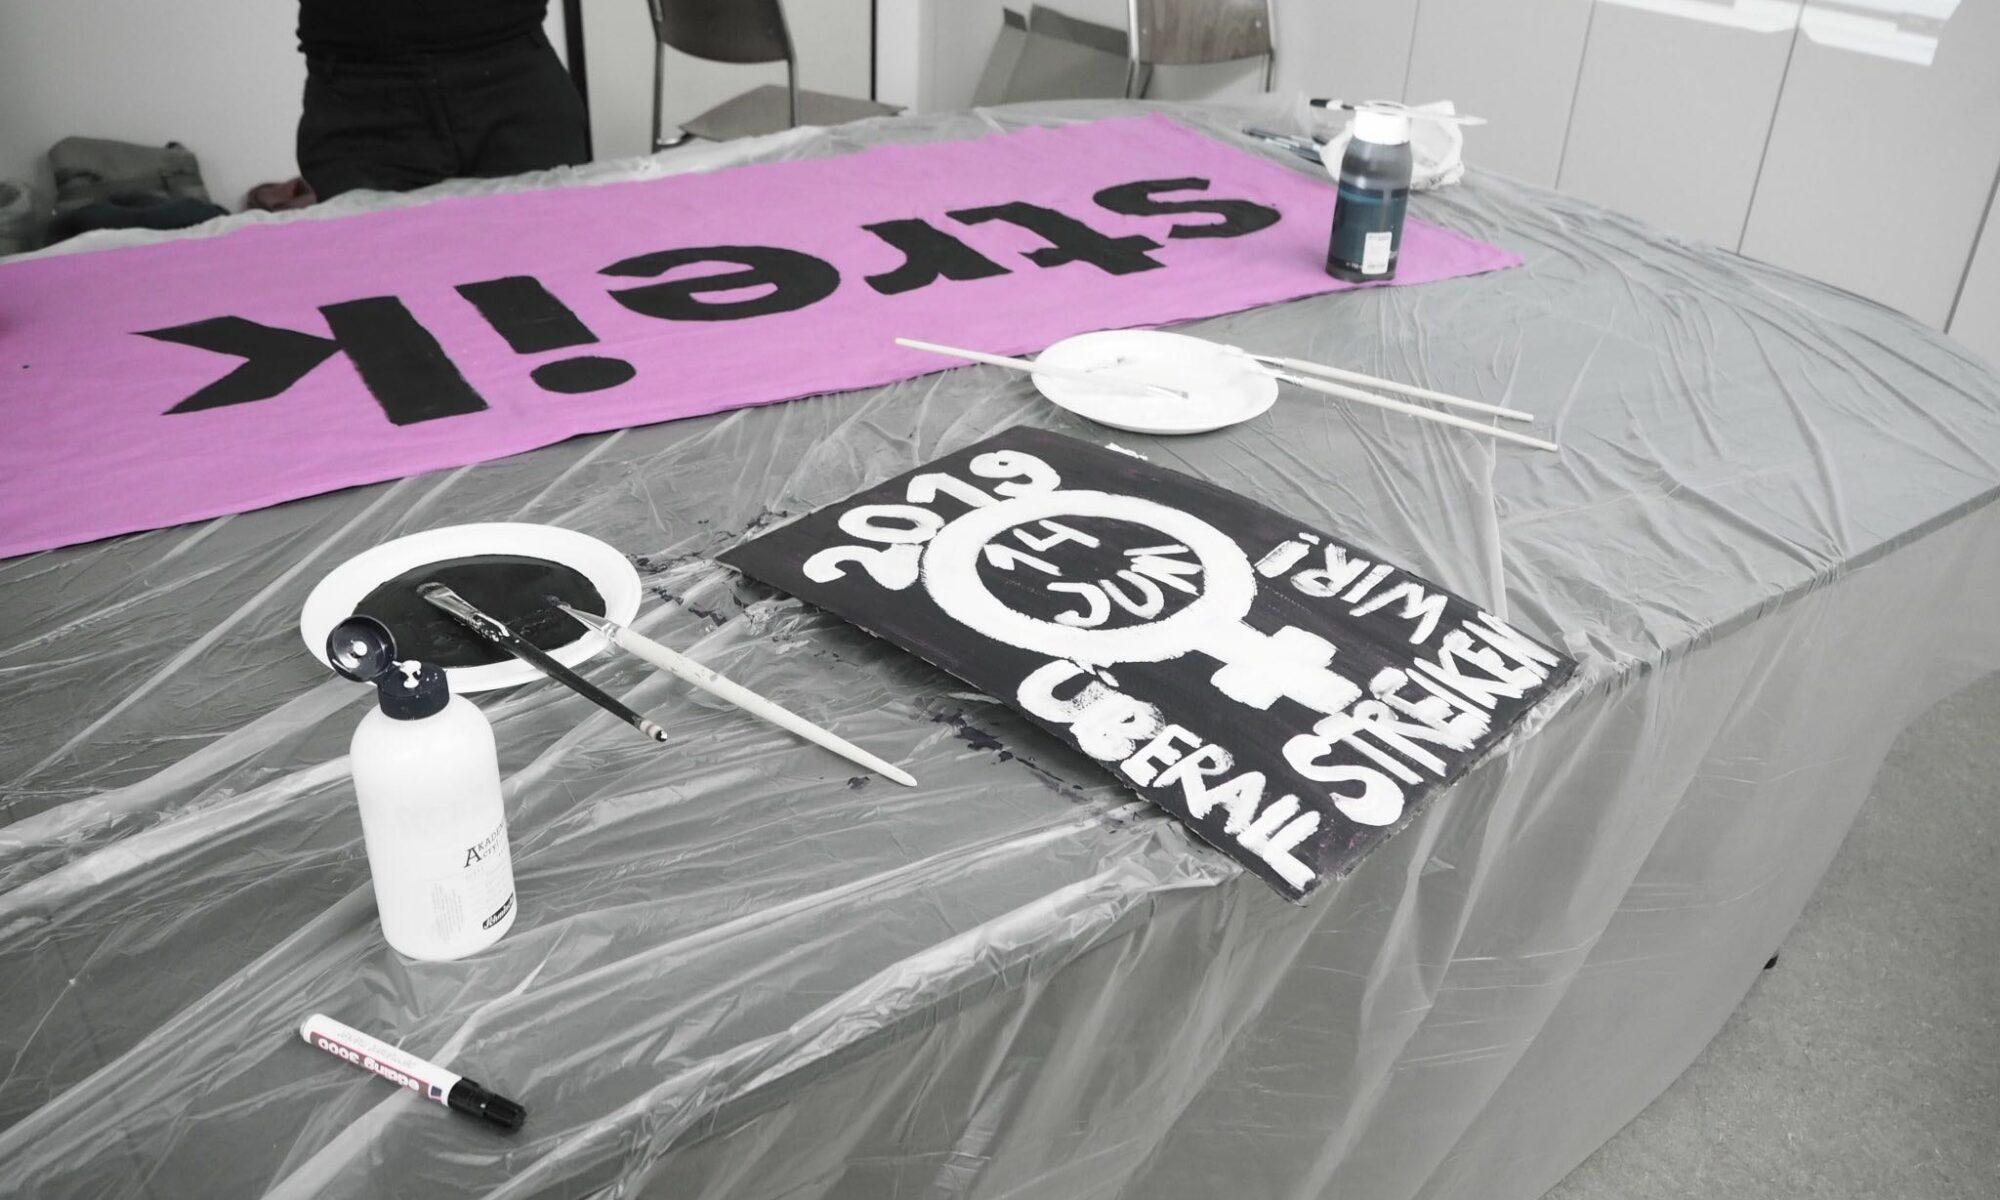 """Foto von einer Transpimalen-Session, zu sehen sind Pinsel, bemalter Karton und ein Teil des bemalten Transparents, auf dem """"Streik"""" steht"""